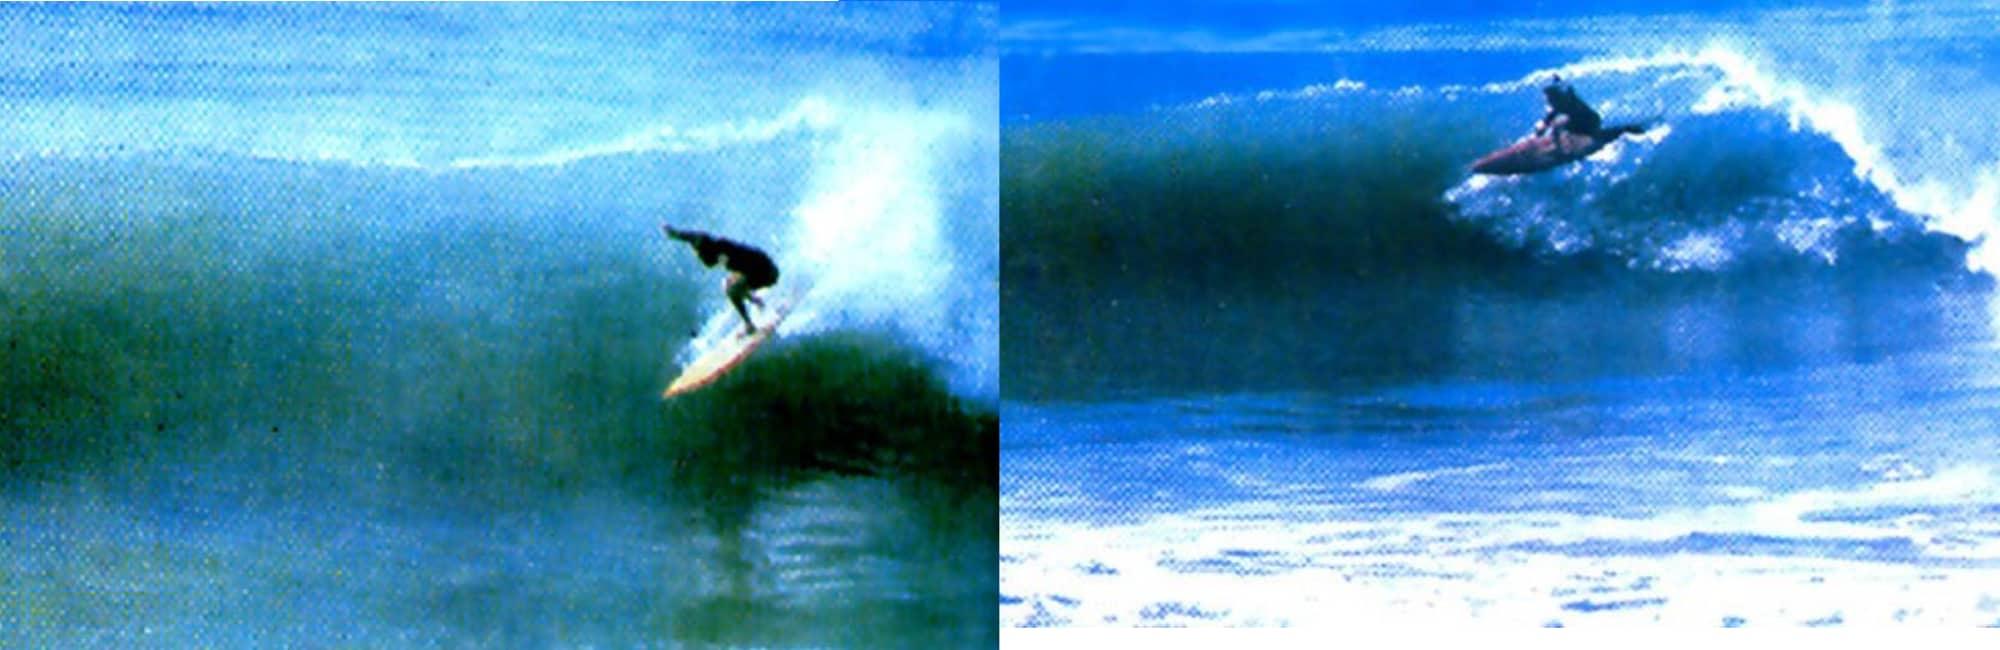 Randolph Benzaquen surfing Anchor Point, Morocco, in the 70s